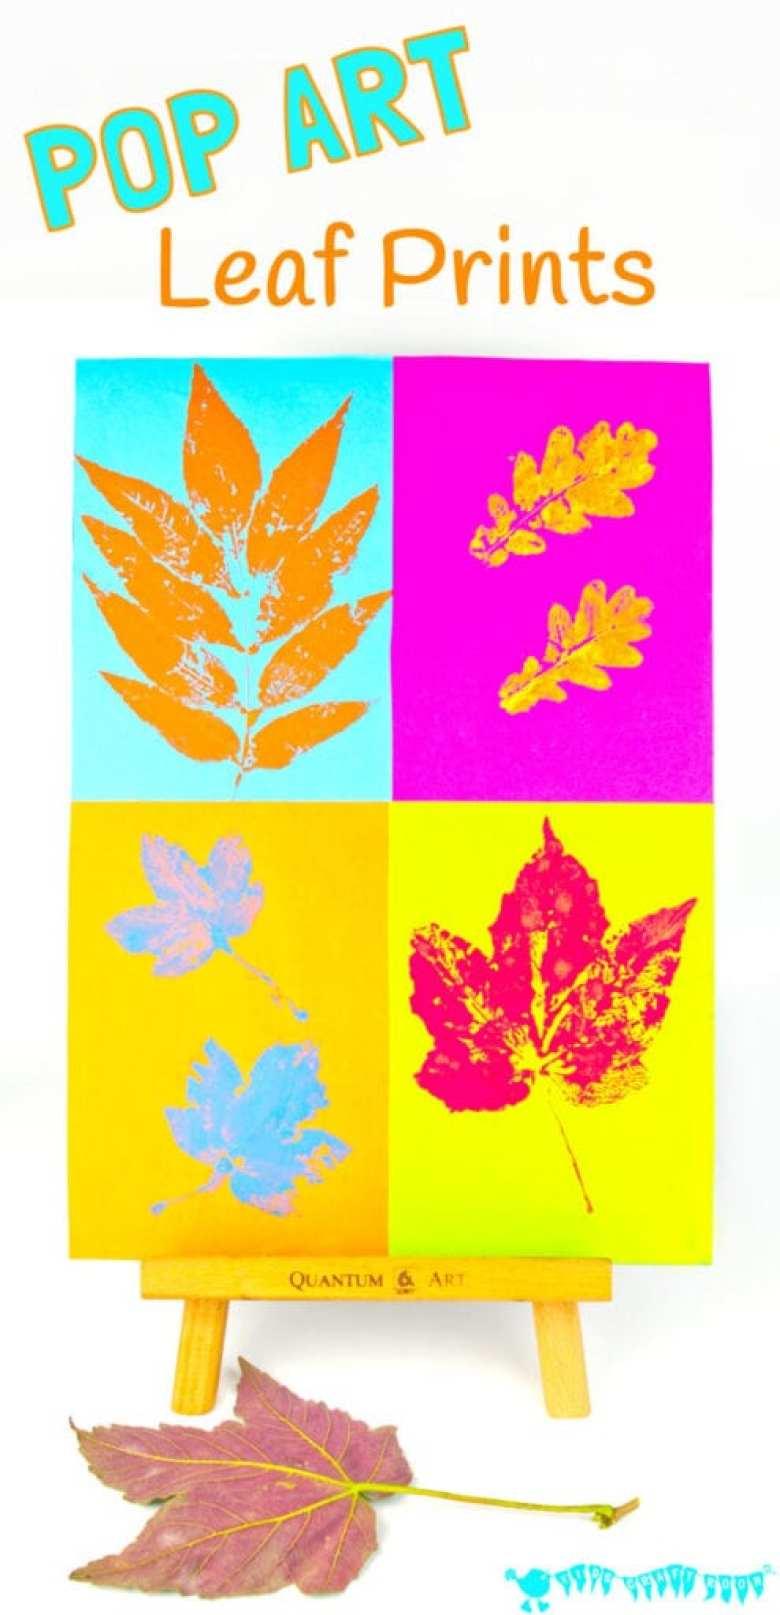 höstpyssel, pyssel, pysseltips, pyssla, barnpyssel, pyssel för barn, popart, pop art, lövtryck, trycka med löv, höstlöv